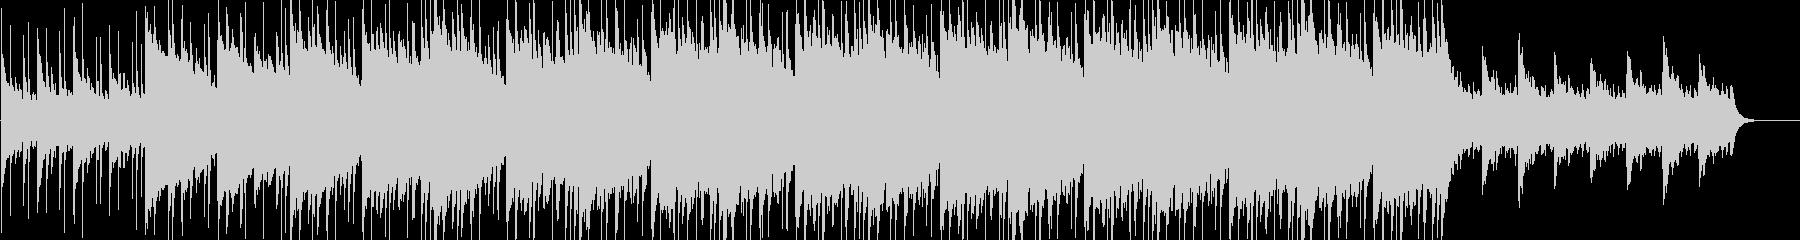 暗くも美しい洋楽風ロックBGMの未再生の波形